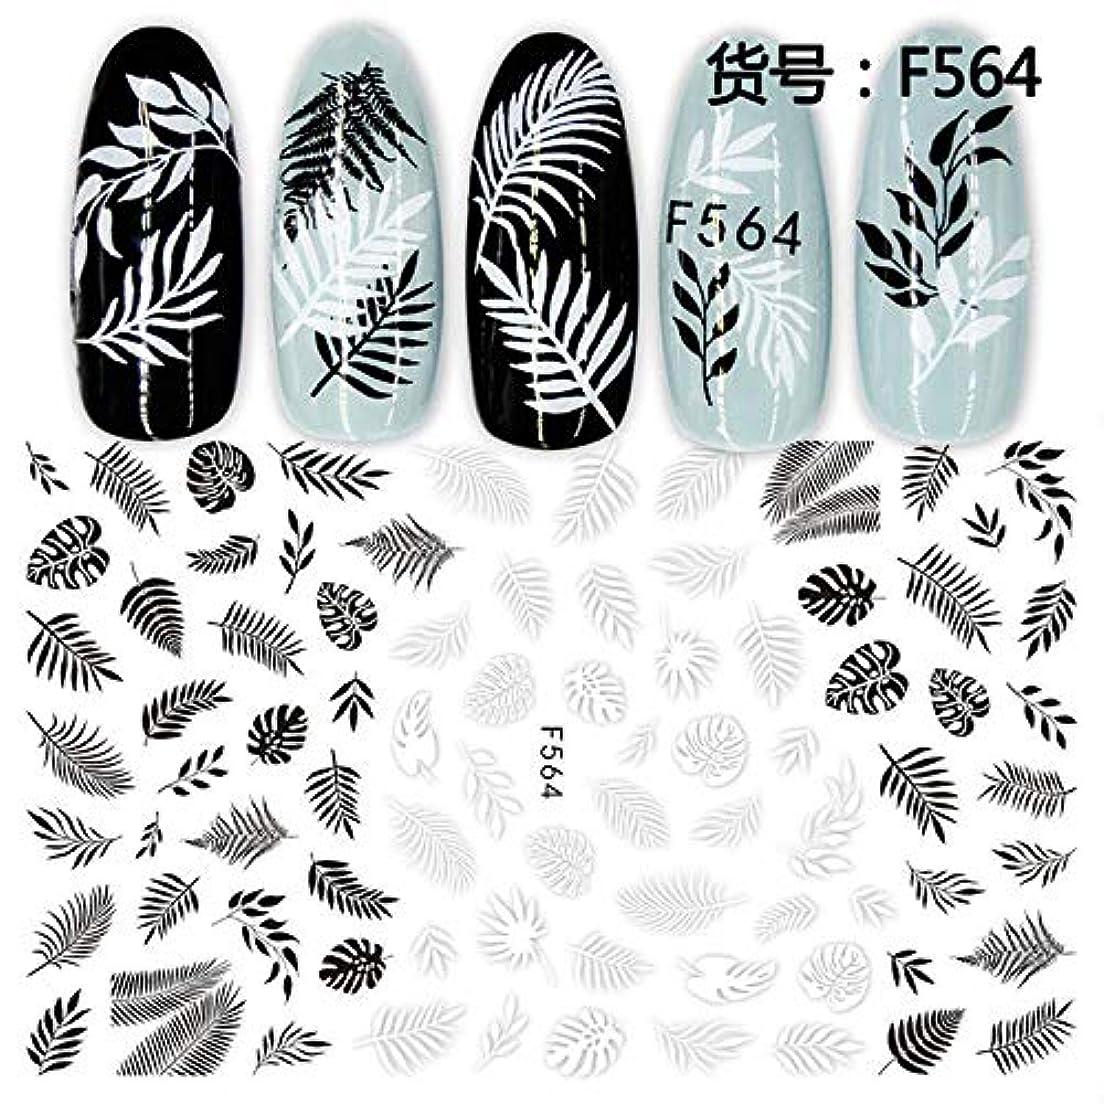 ギャンブルシンジケート管理しますSUKTI&XIAO ネイルステッカー 1枚の黒く白い3D釘のステッカーの花の宝石類の幾何学の接着剤の完全なラップの入れ墨の先端の釘のスライダーの装飾のマニキュア、F564